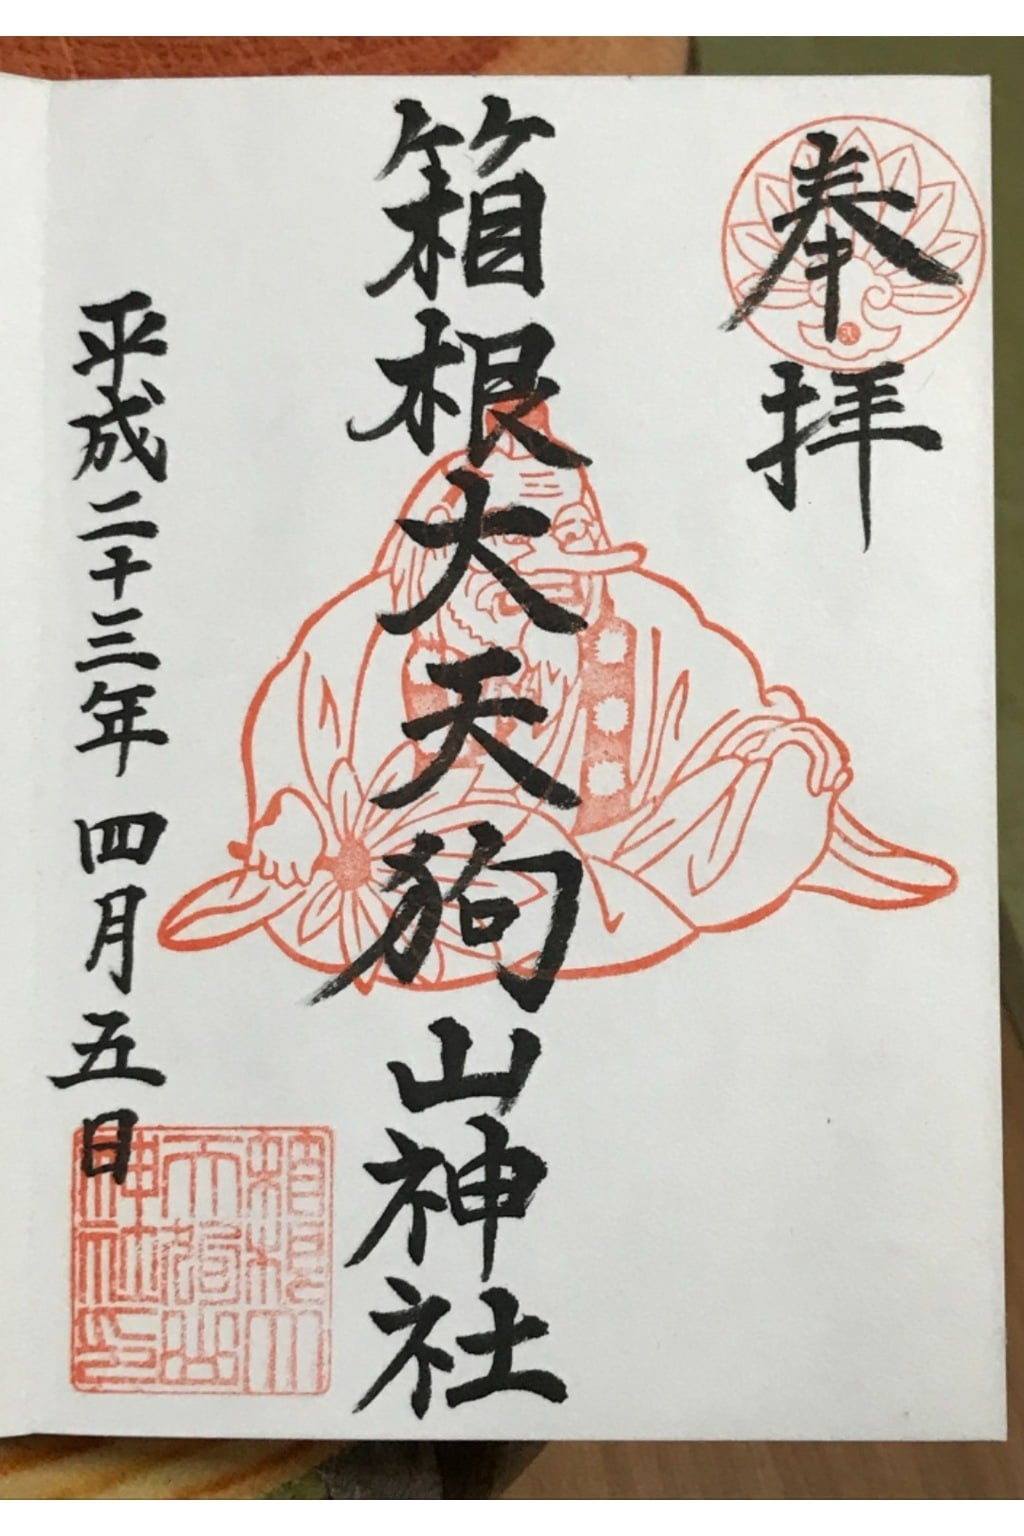 箱根大天狗山神社の御朱印